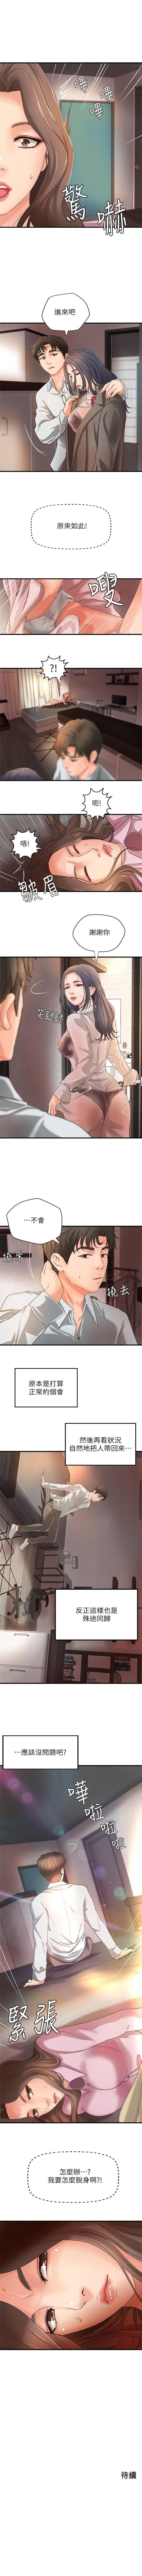 御姐的實戰教學 1-24 官方中文(連載中) 89